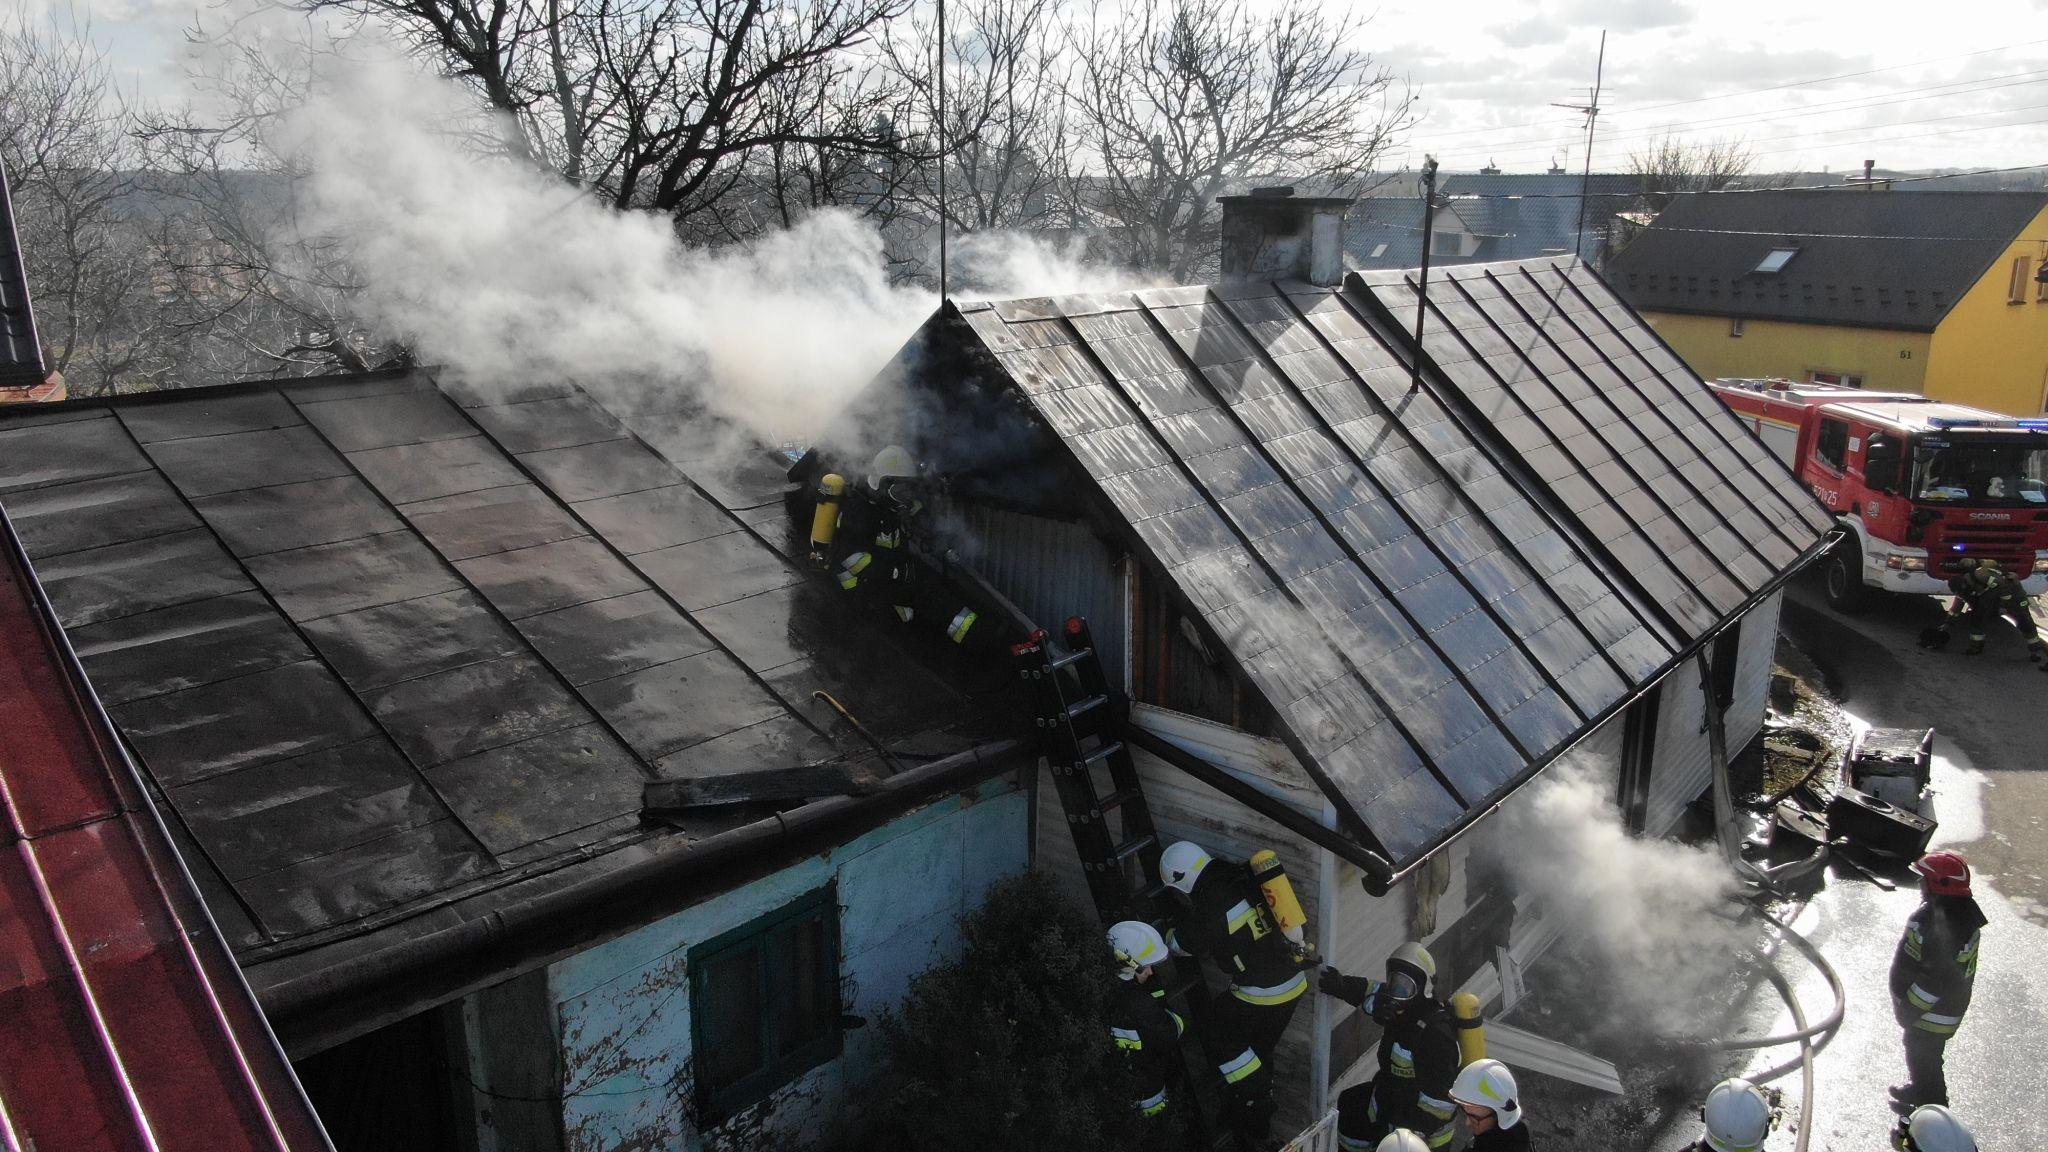 W domu wybuchł pożar. Zginęła jedna osoba [FOTO] - Zdjęcie główne